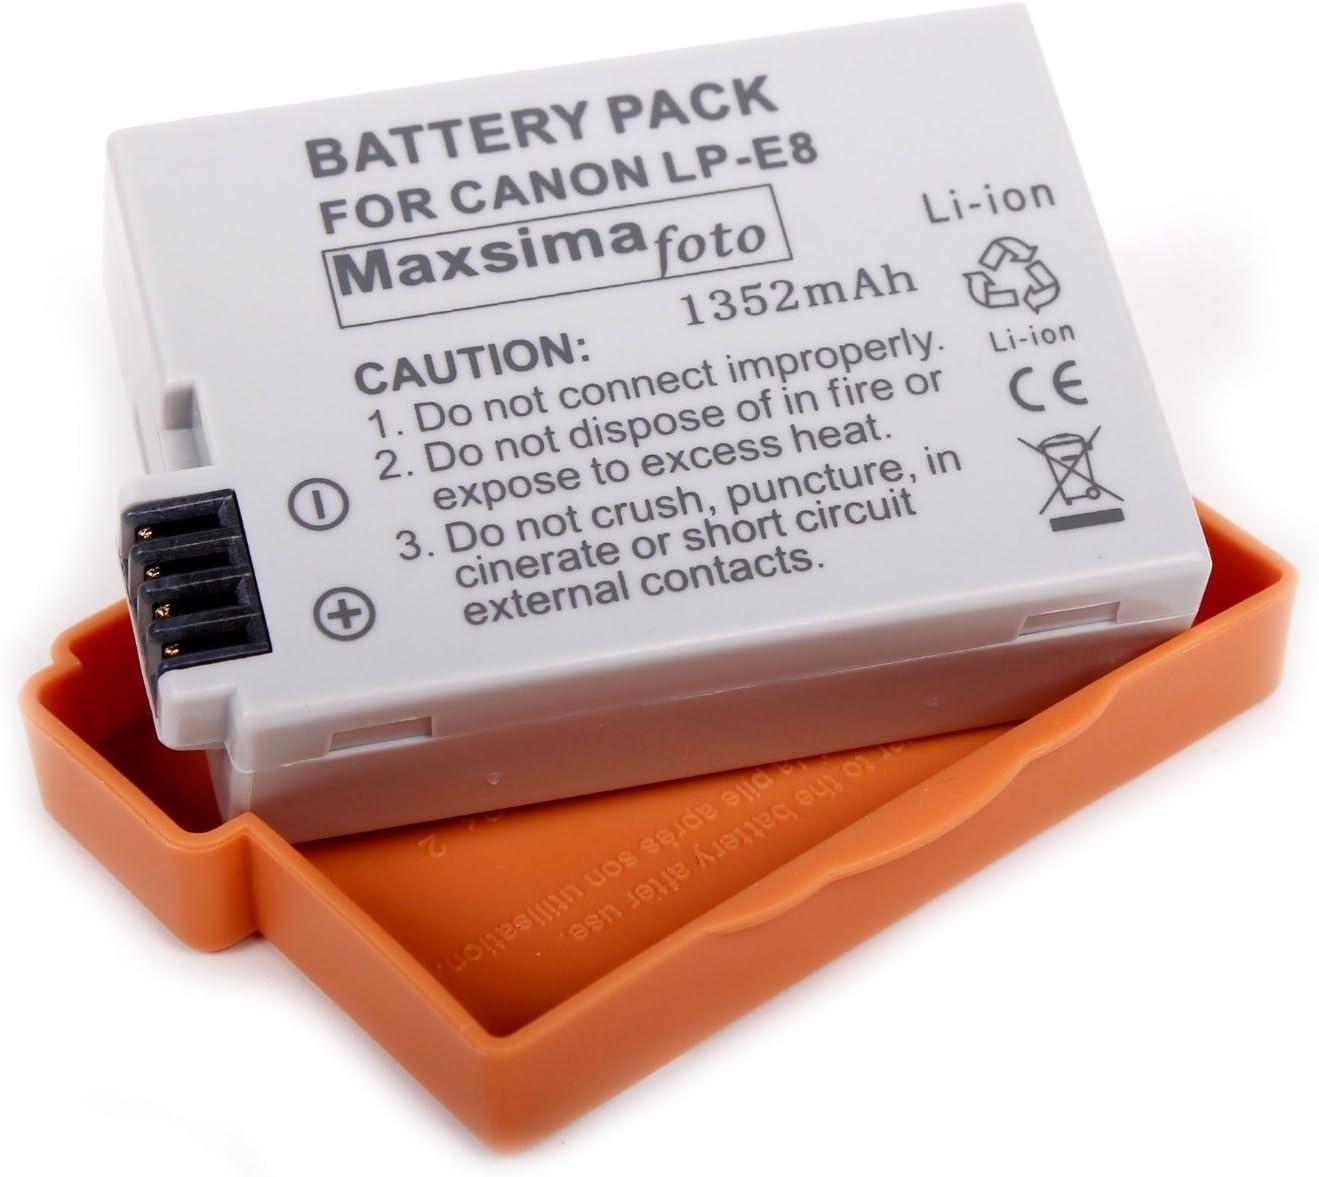 Maxsima - 1352mAh batería LP-E8, LPE8 para Canon EOS.: Amazon.es: Electrónica